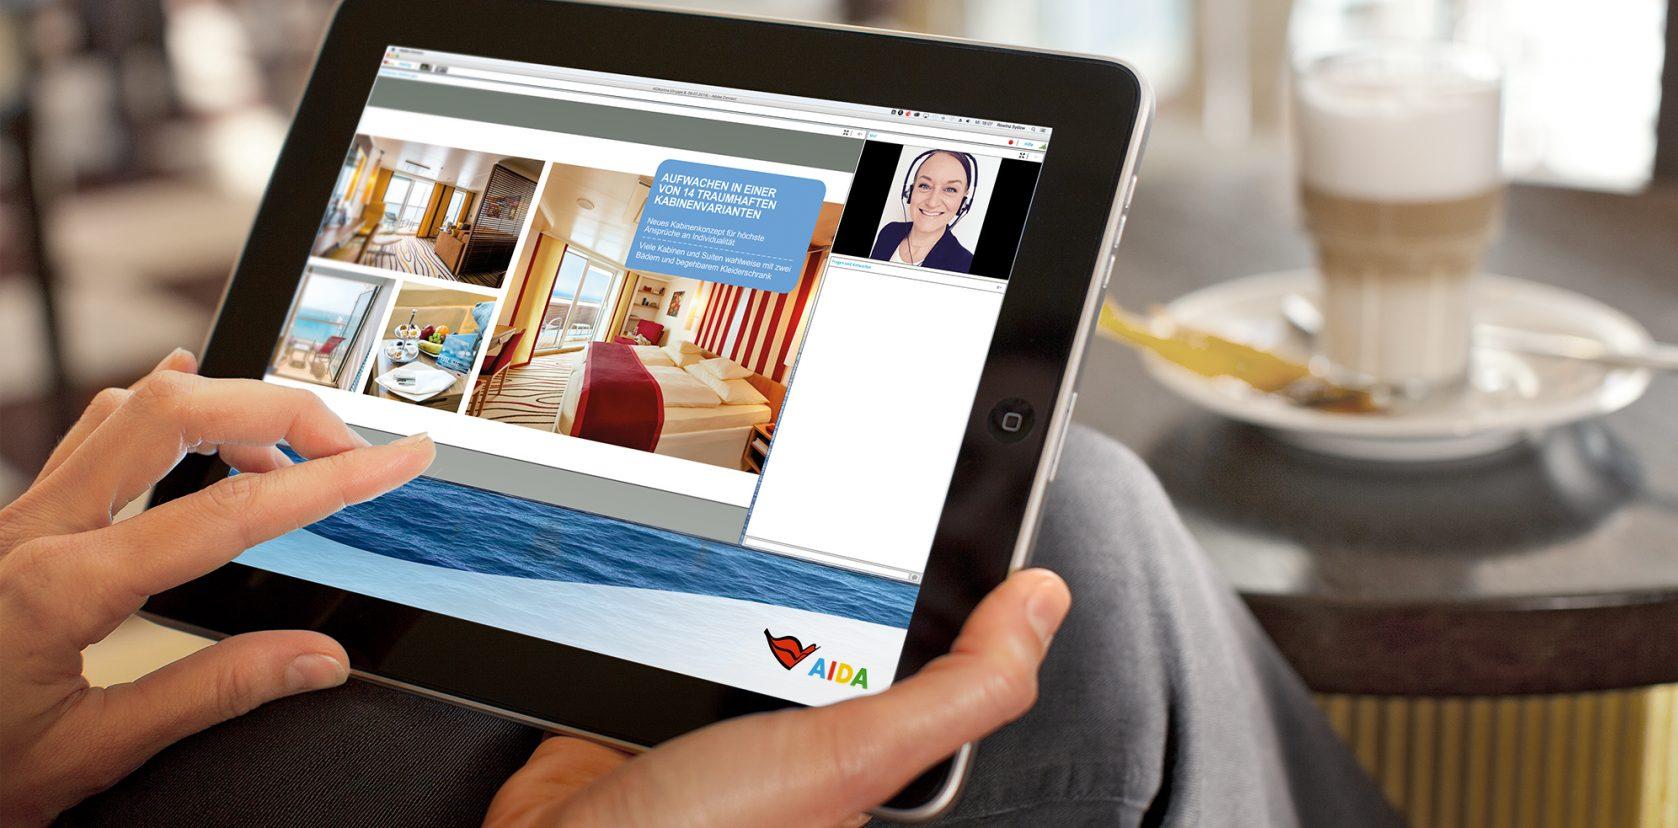 AIDAprima Webinar für Reisebüromitarbeiter